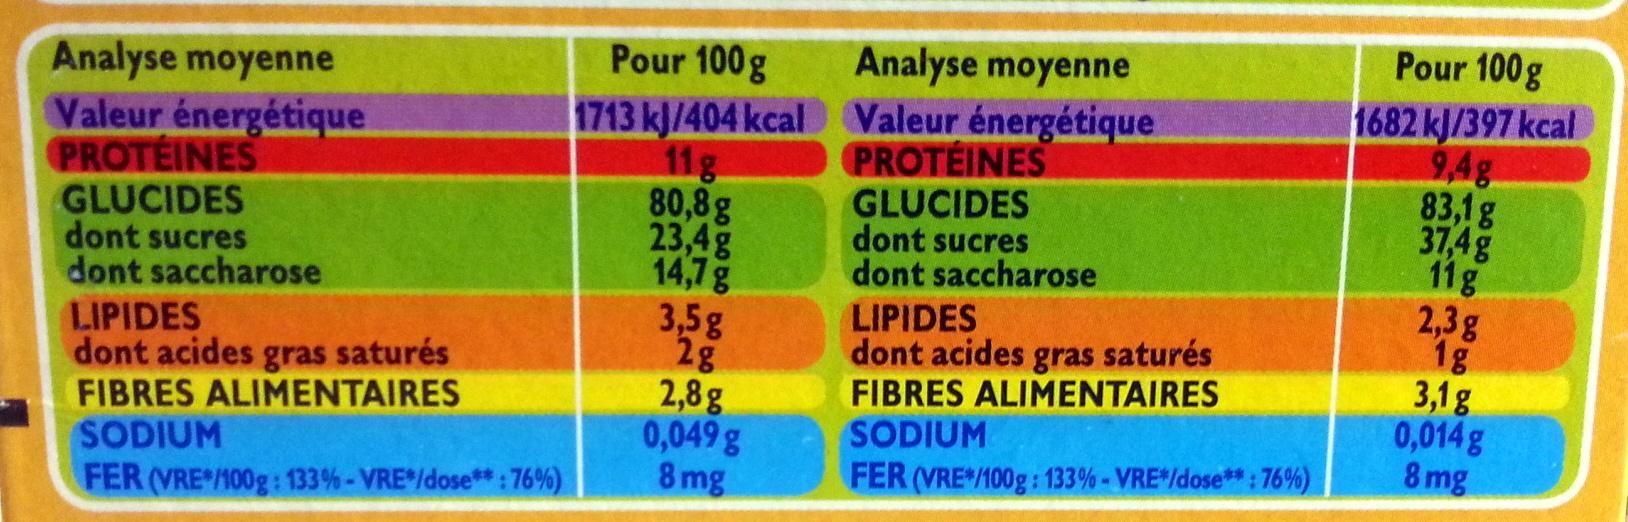 Blédine dosettes miel / saveur biscuitée - Voedingswaarden